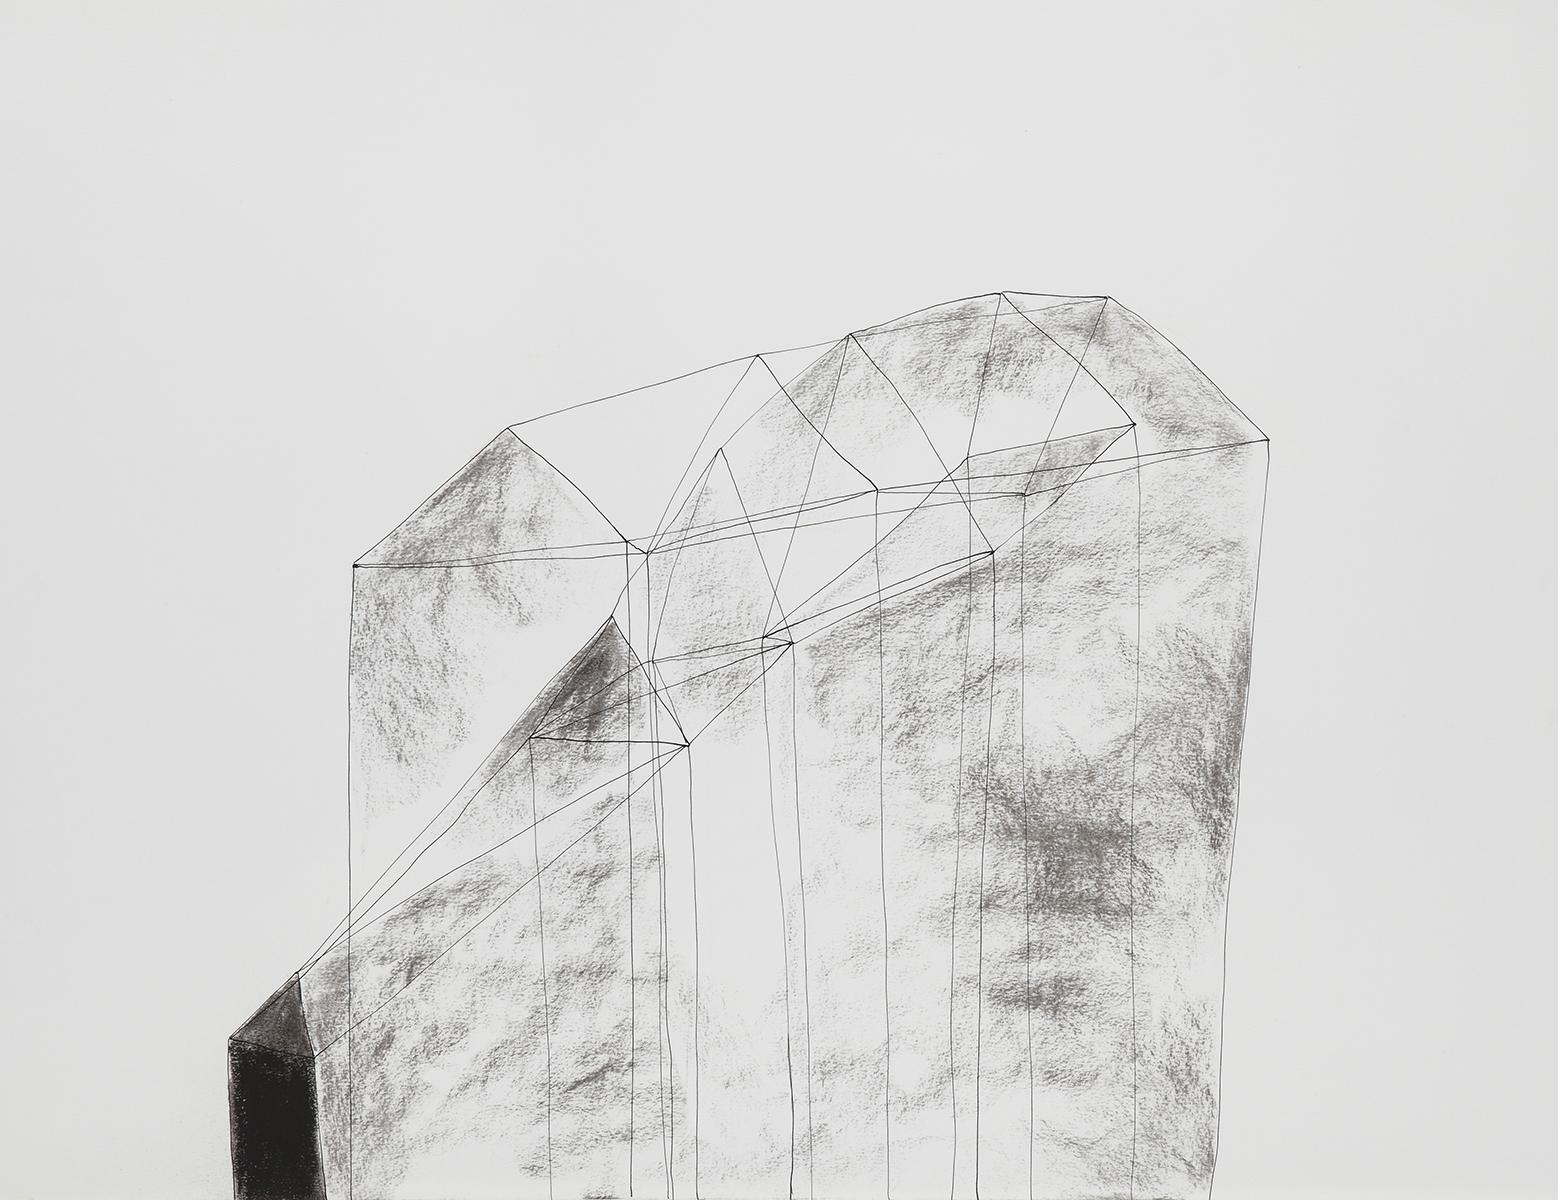 Huis 7 - Oost-Indische inkt & houtskool - 50 x 70 cm